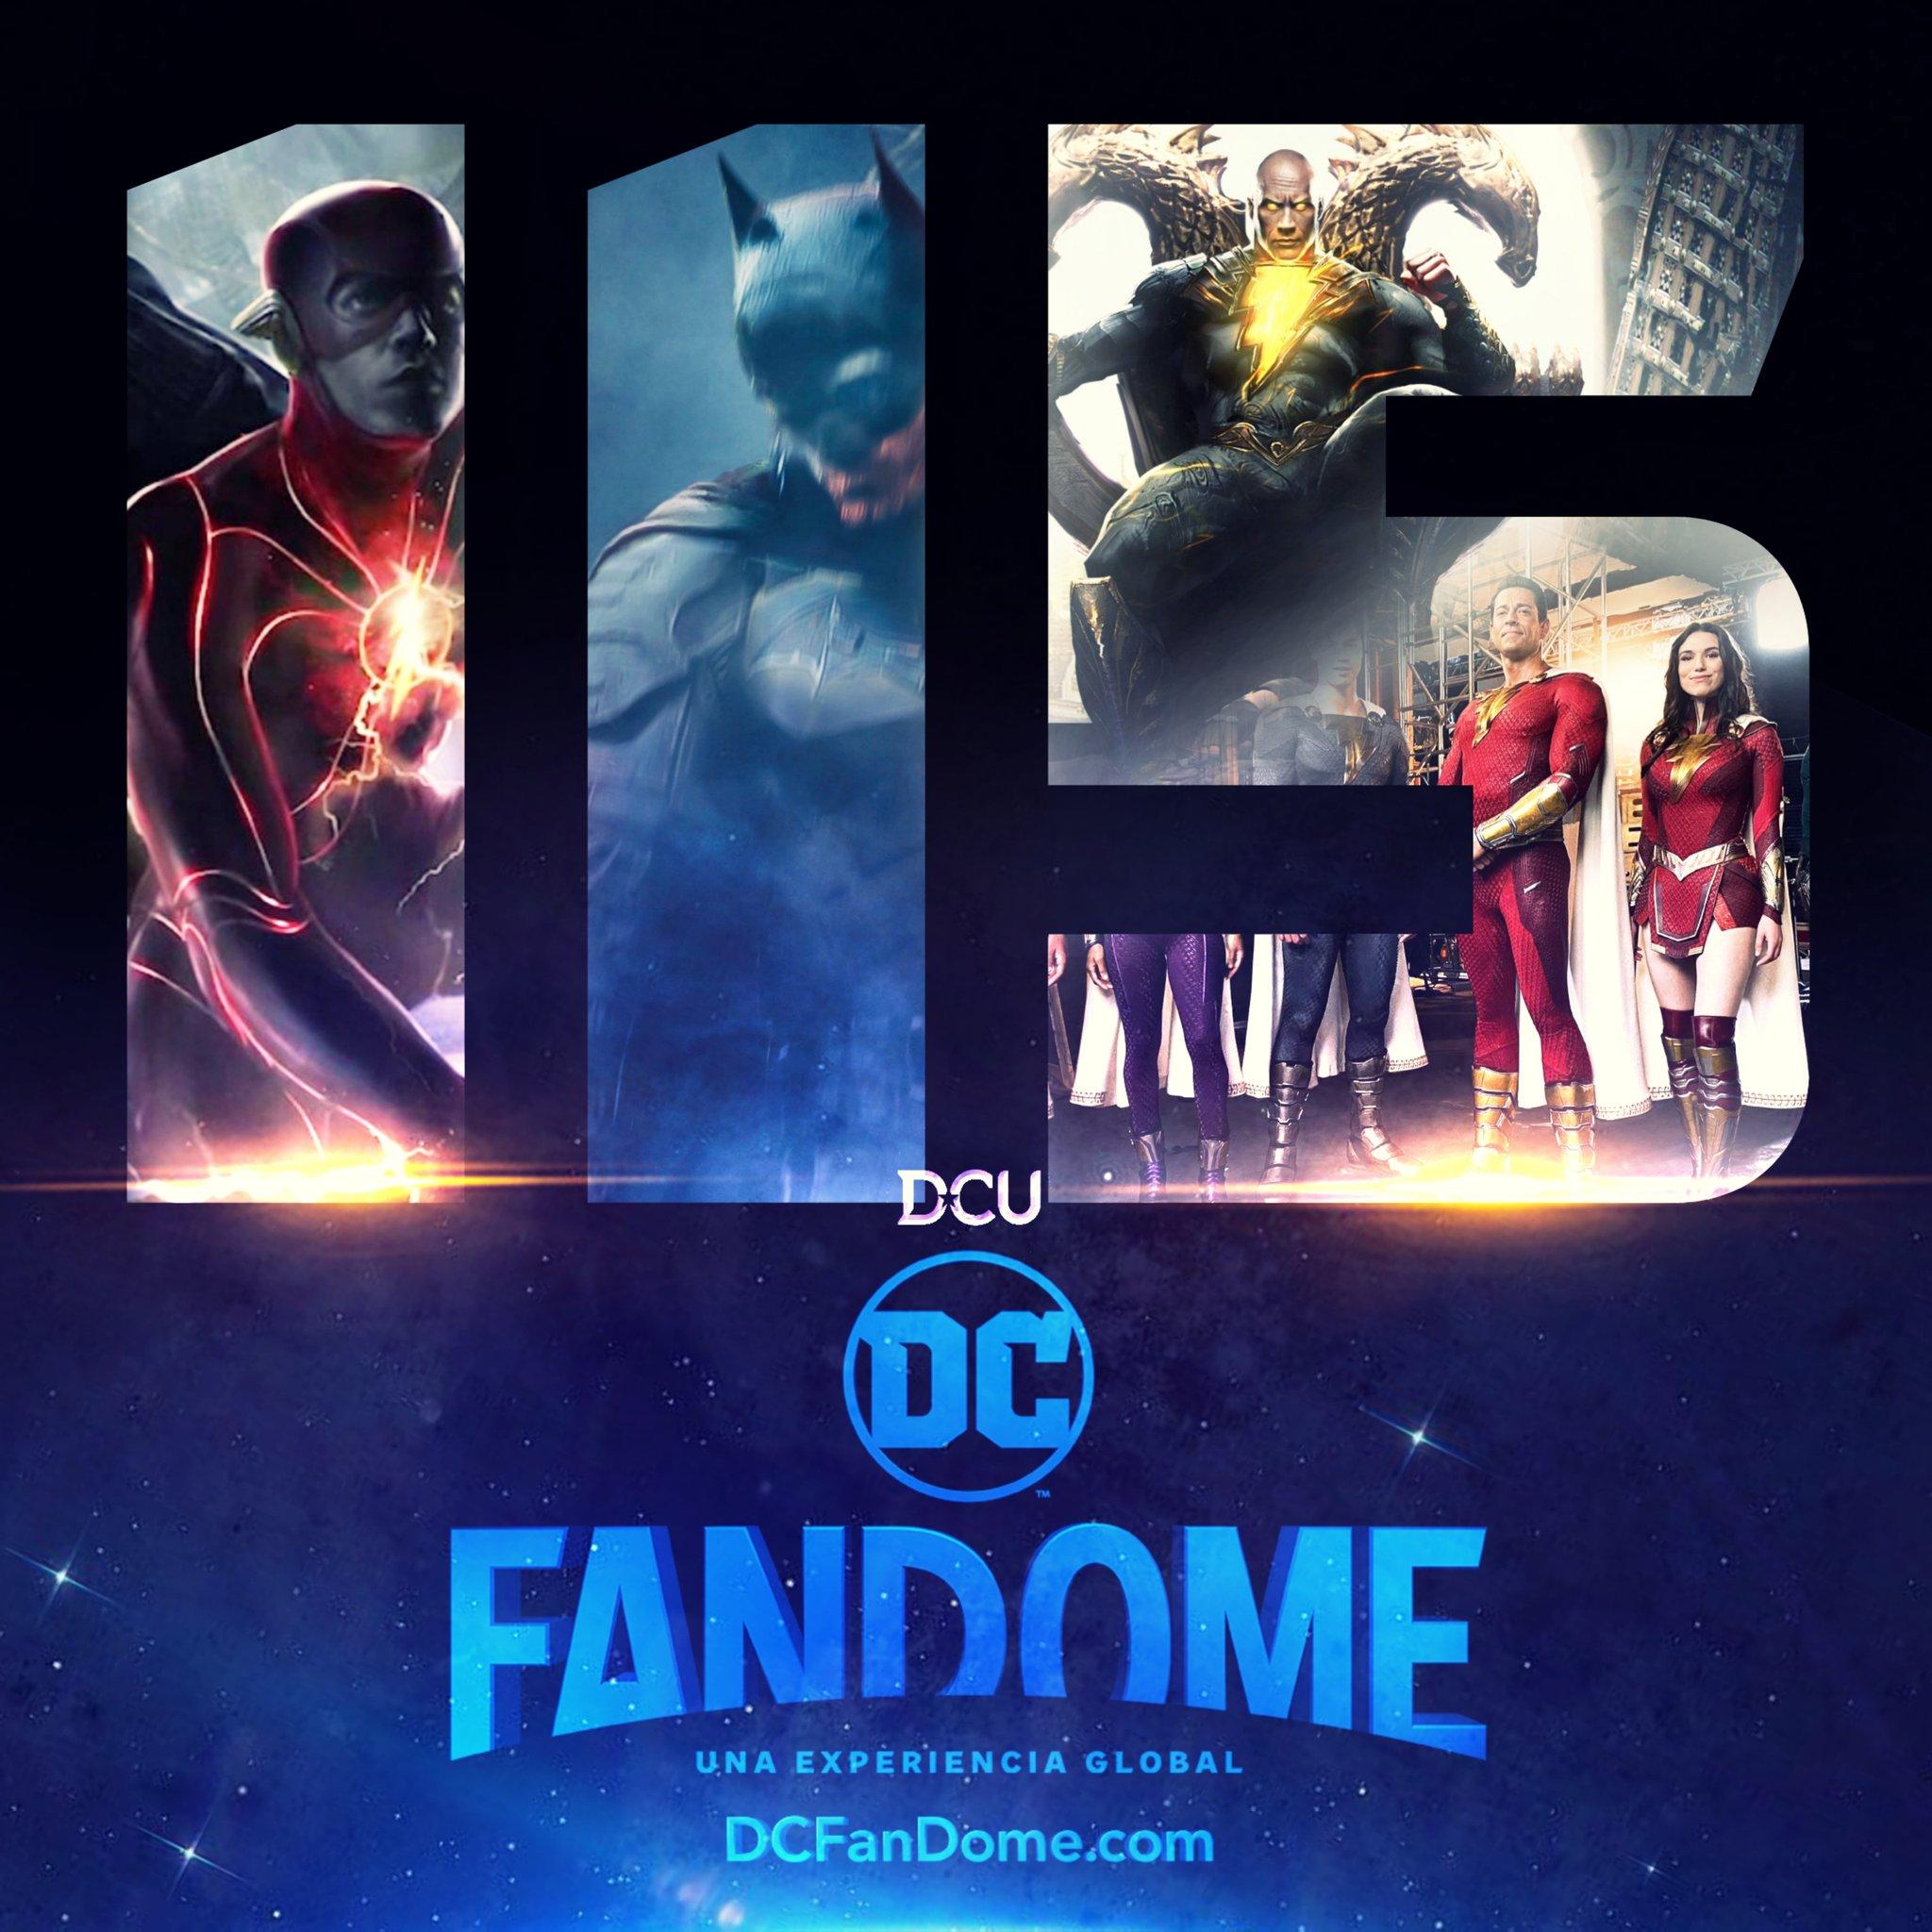 DC FanDome 2021: Fecha y detalles sobre evento global de DC Comics